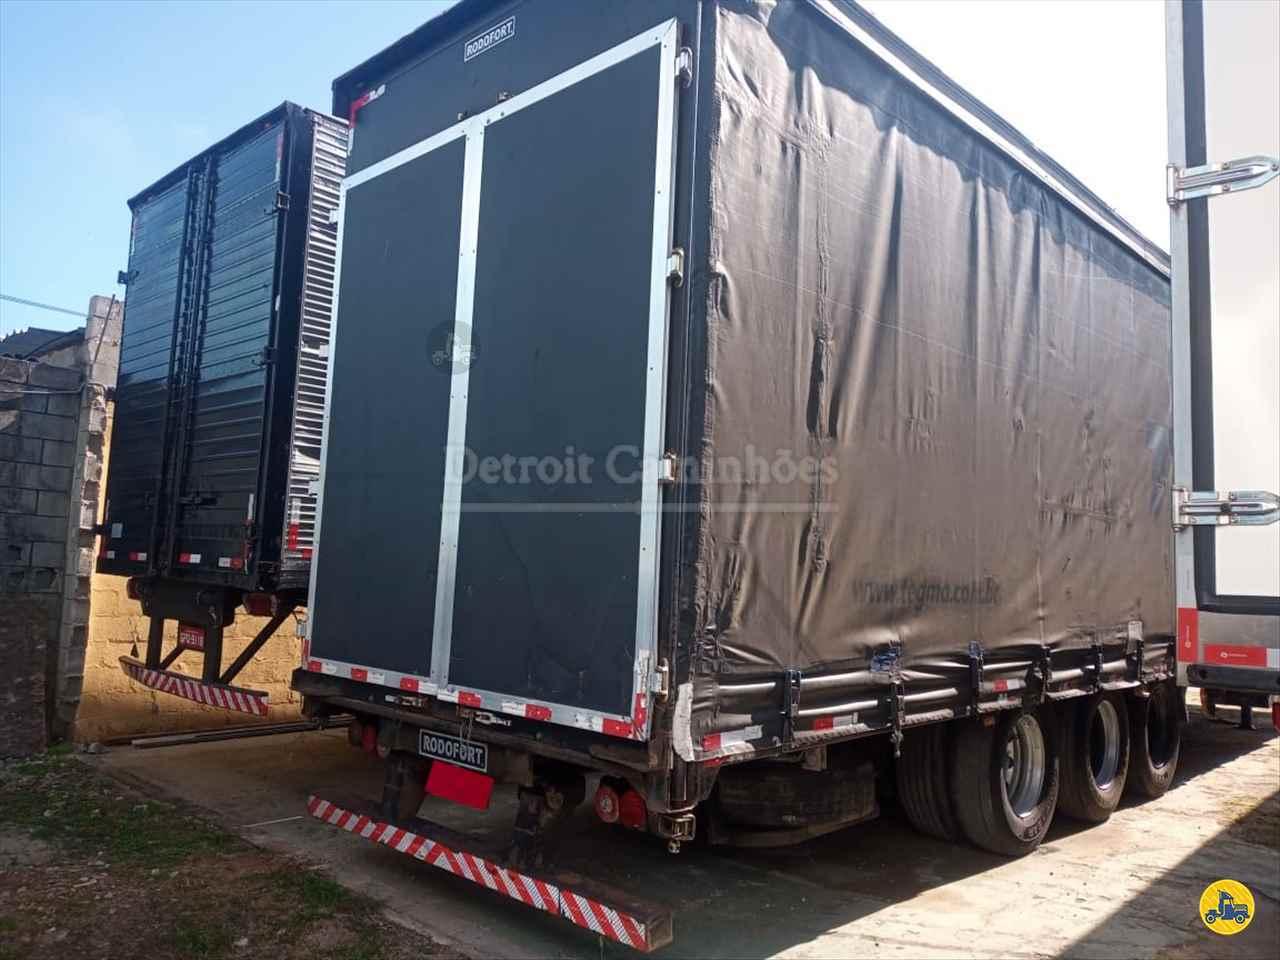 CARRETA SEMI-REBOQUE BAU SIDER Rebaixada Detroit Caminhões SAO JOSE DOS CAMPOS SÃO PAULO SP